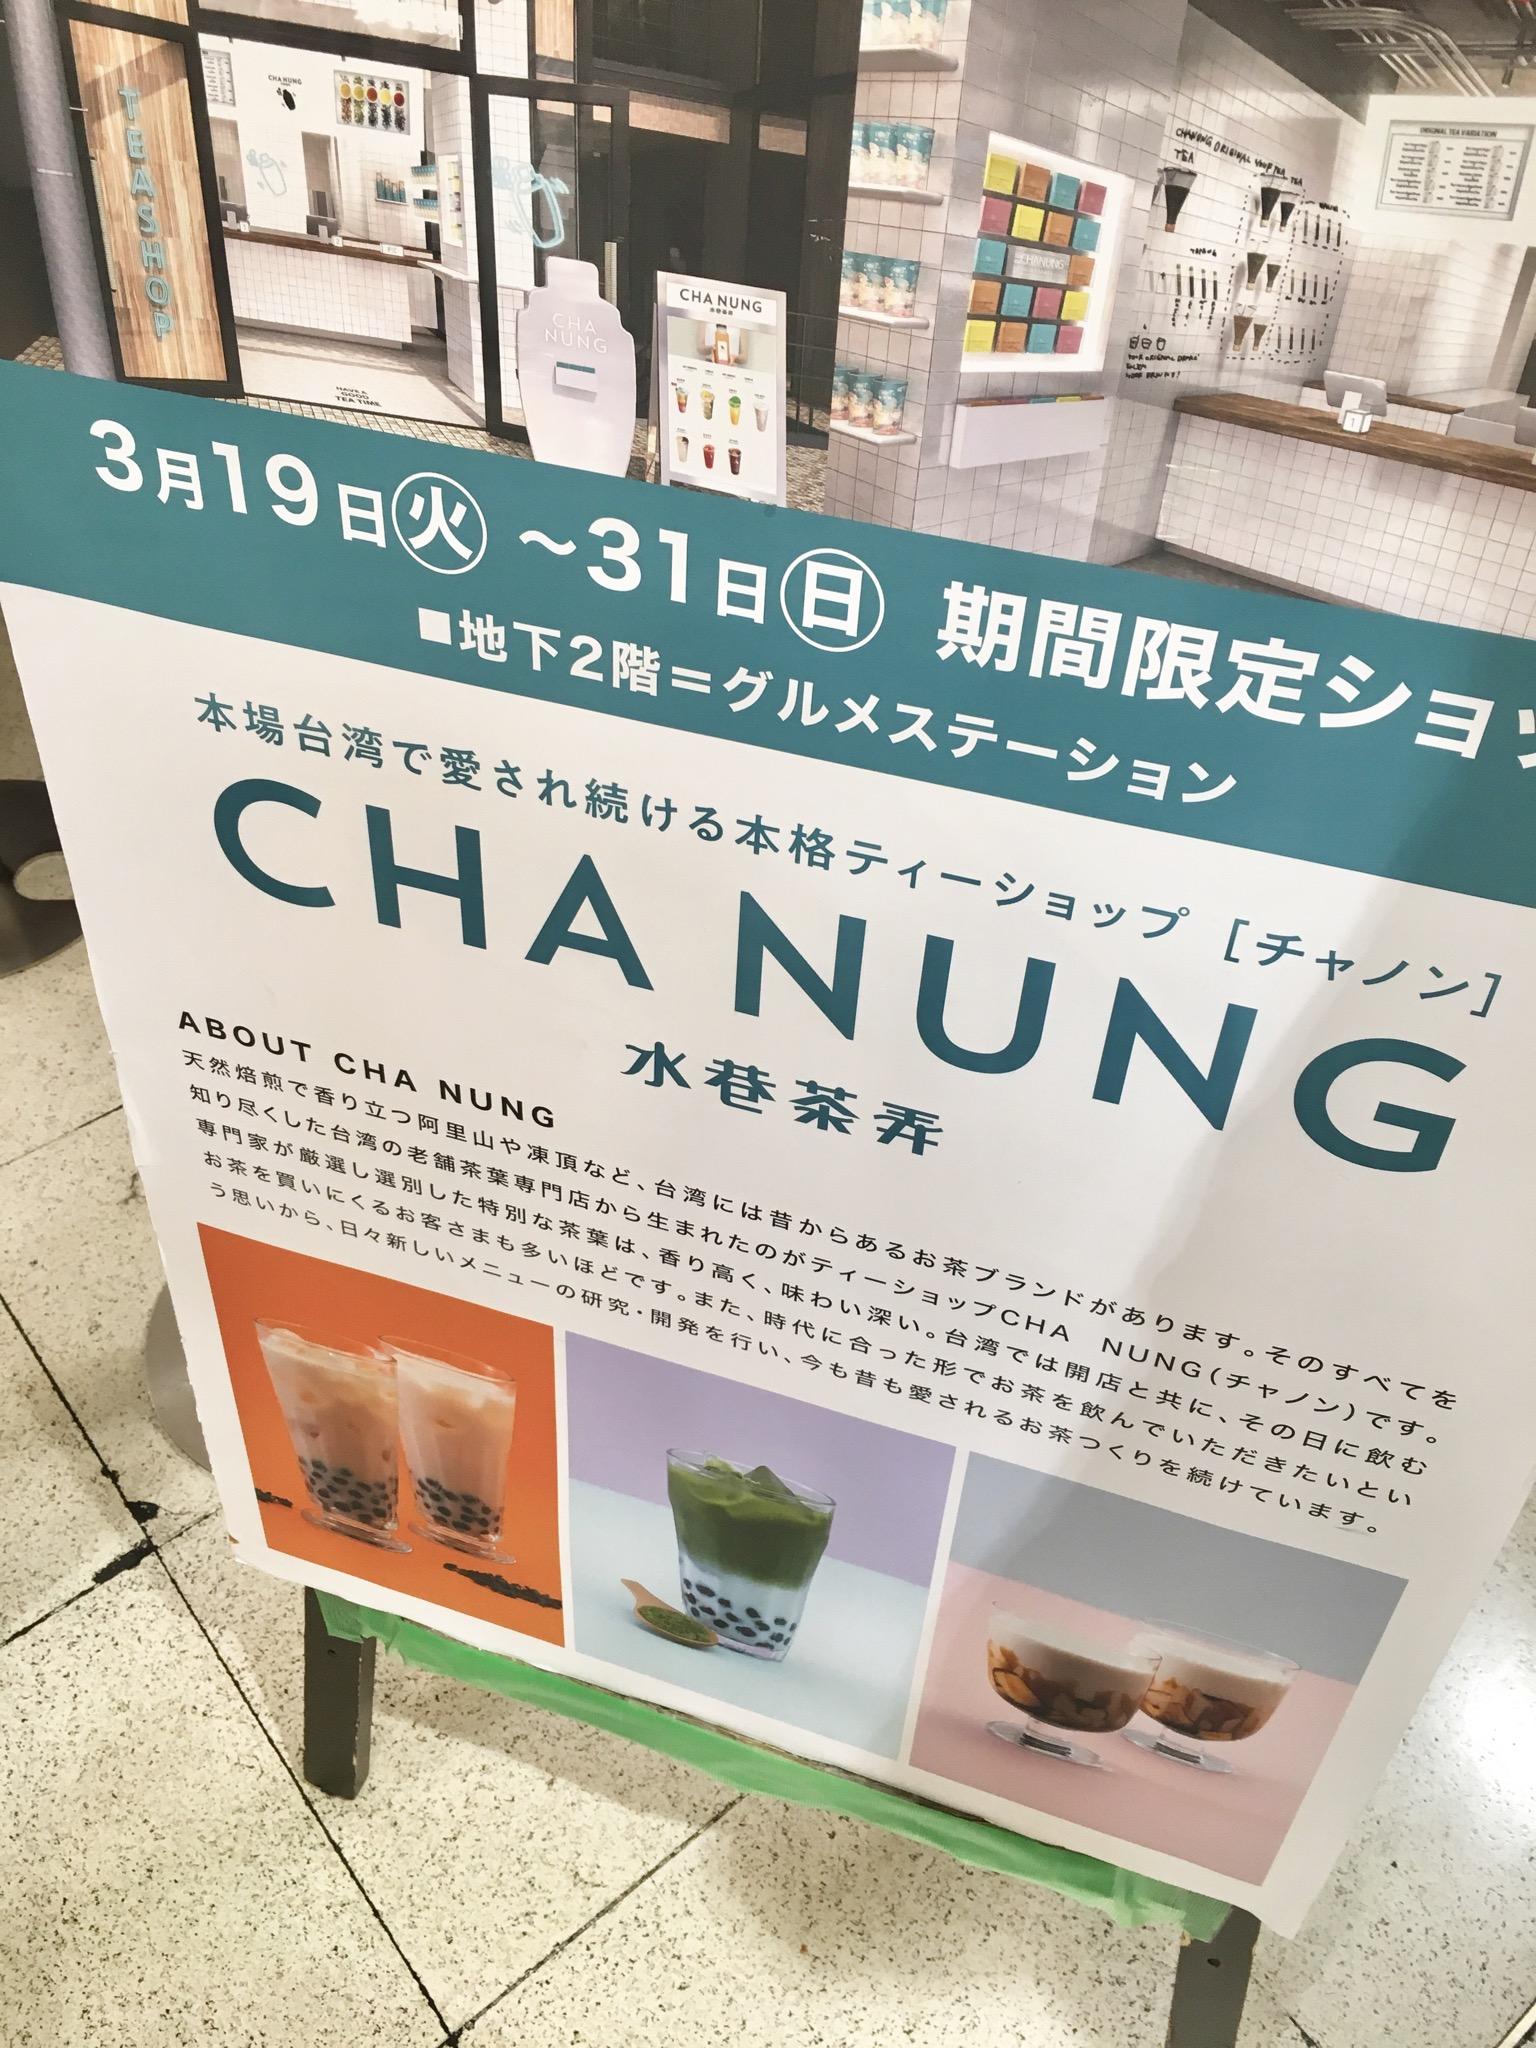 タピオカの次はプリン!?台湾の人気タピオカ店CHA NUNGが表参道にオープン_1